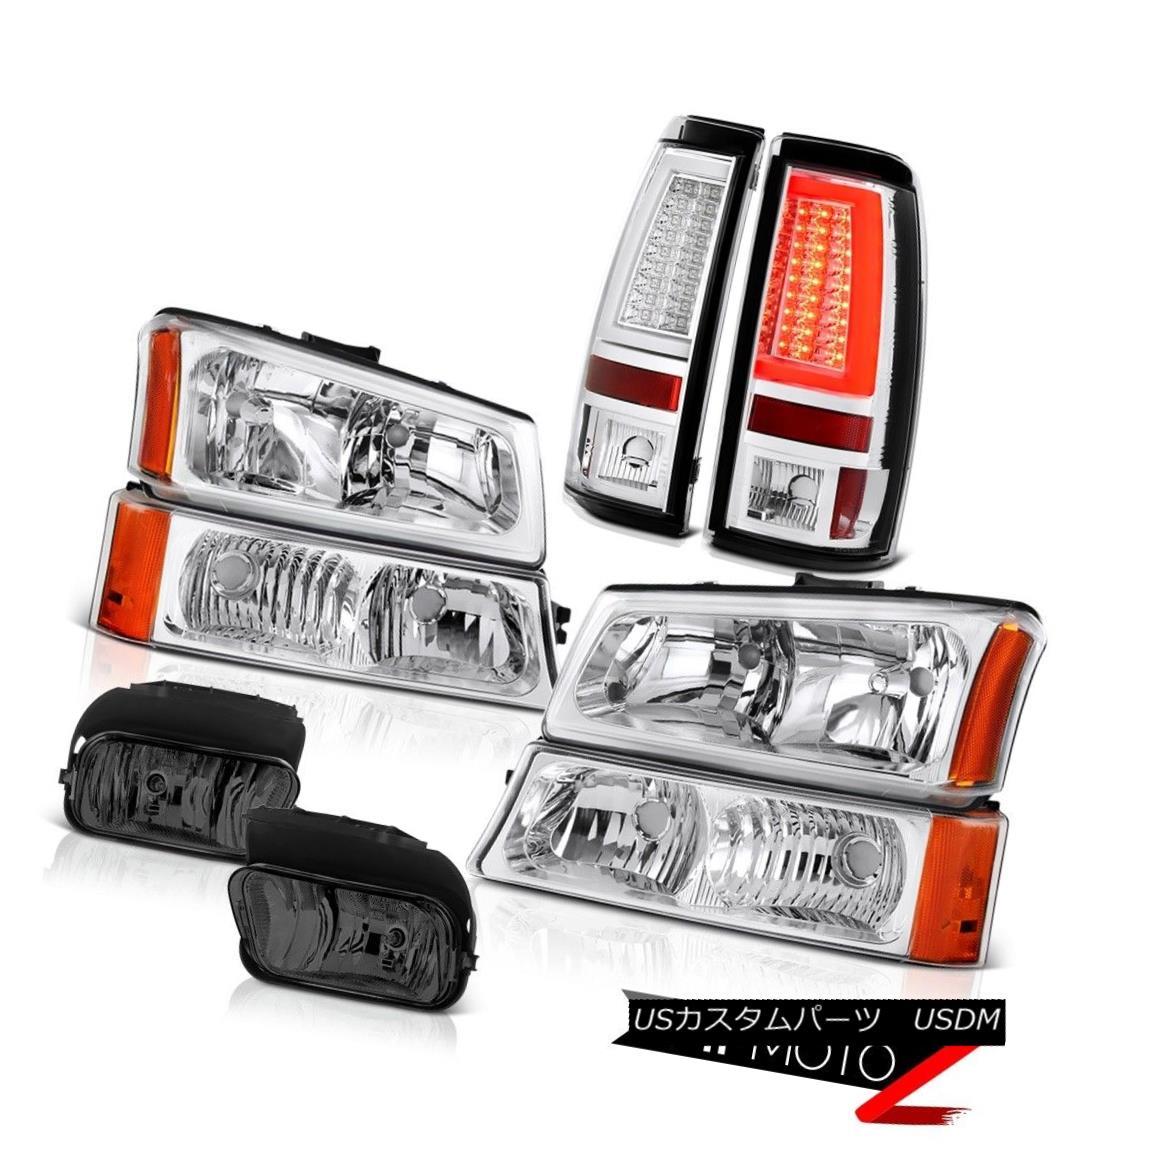 ヘッドライト 03 04 05 06 Chevy Silverado Tail Lamps Headlamps Smoked Foglights